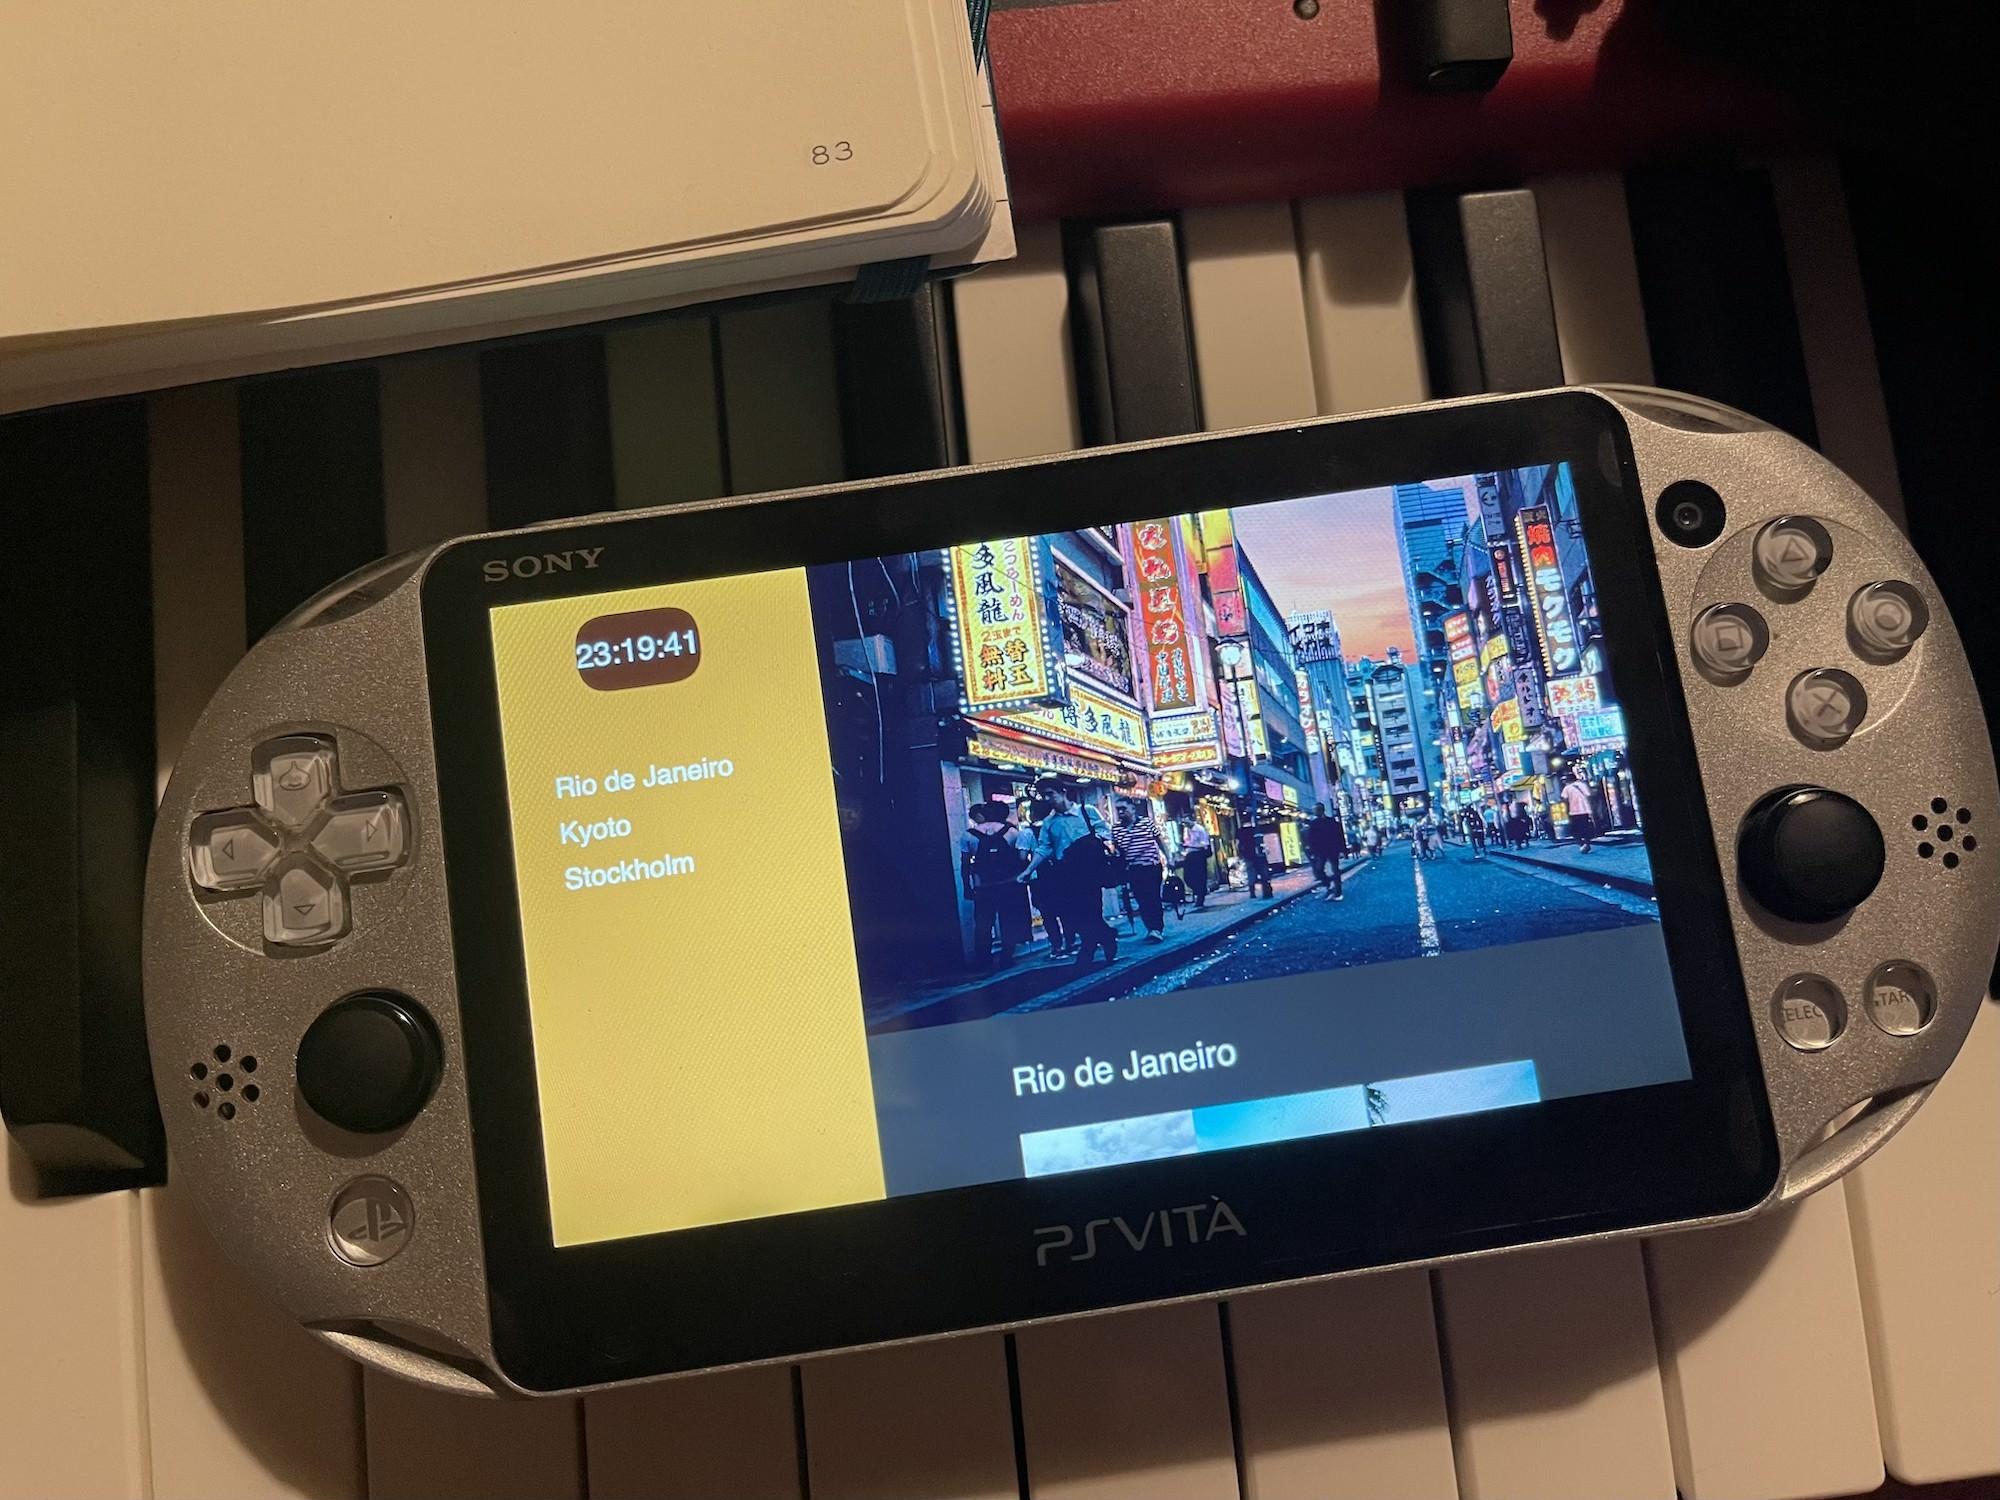 Demo PS Vita